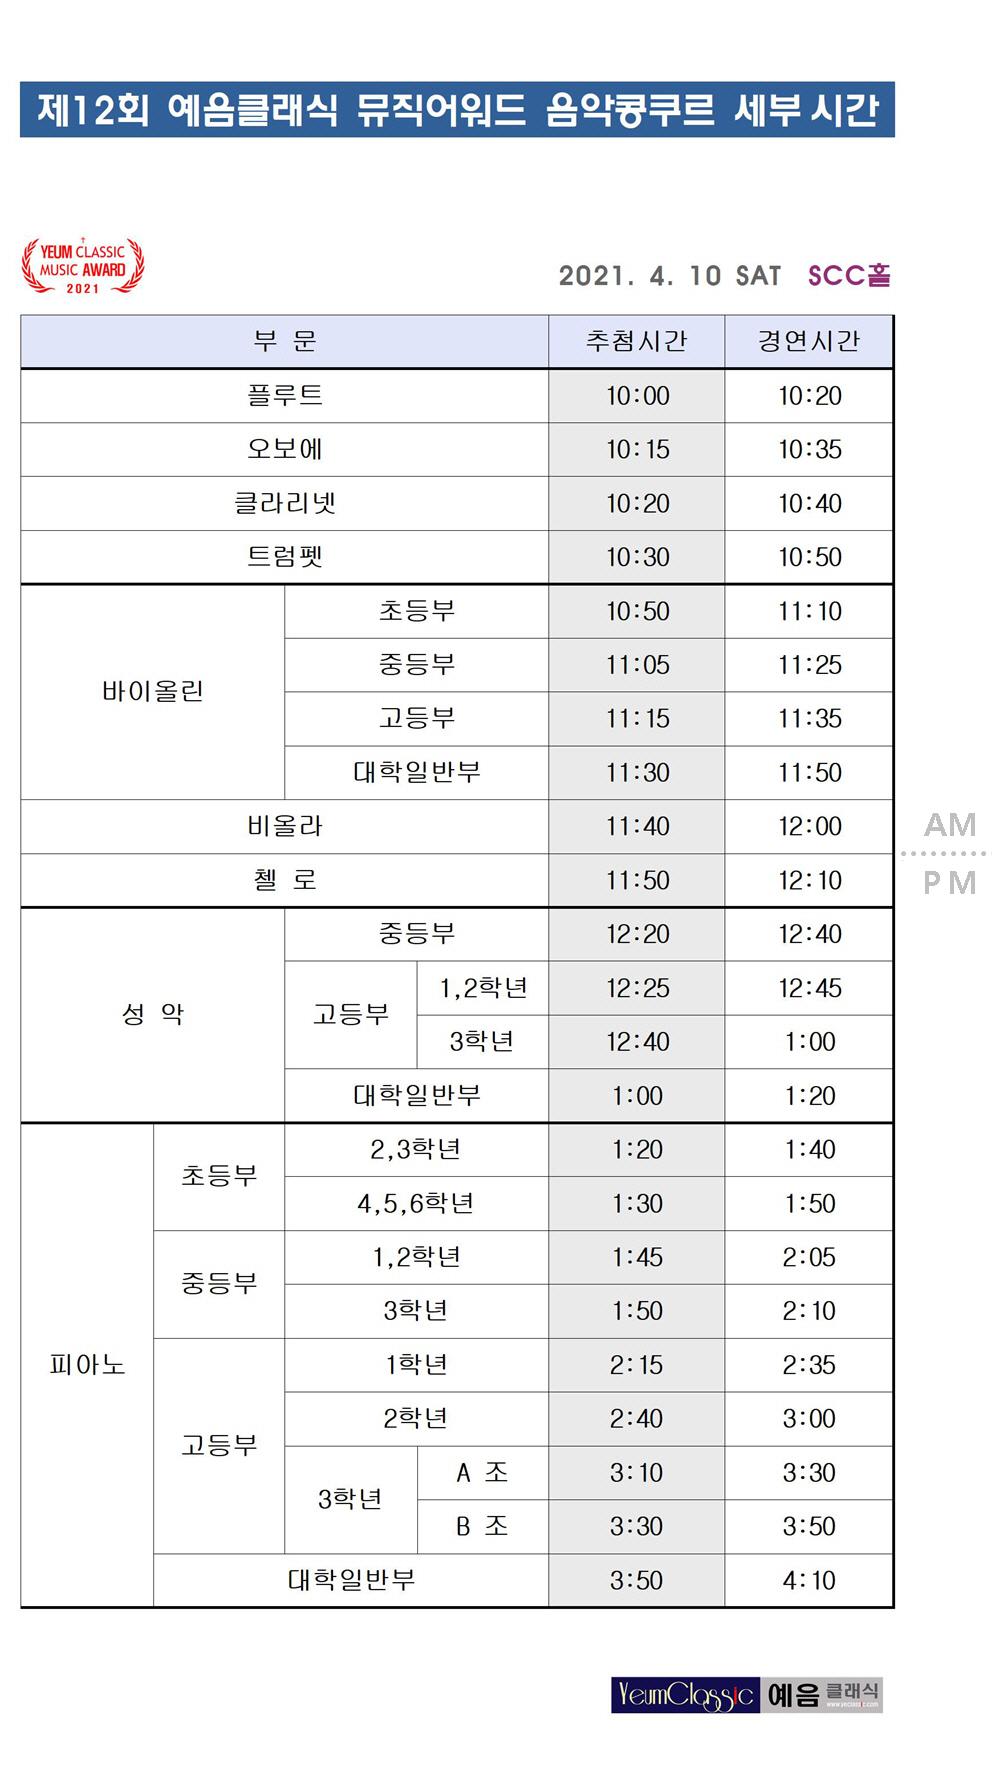 12회 예음클래식 뮤직 어워드 세부시간001.jpg